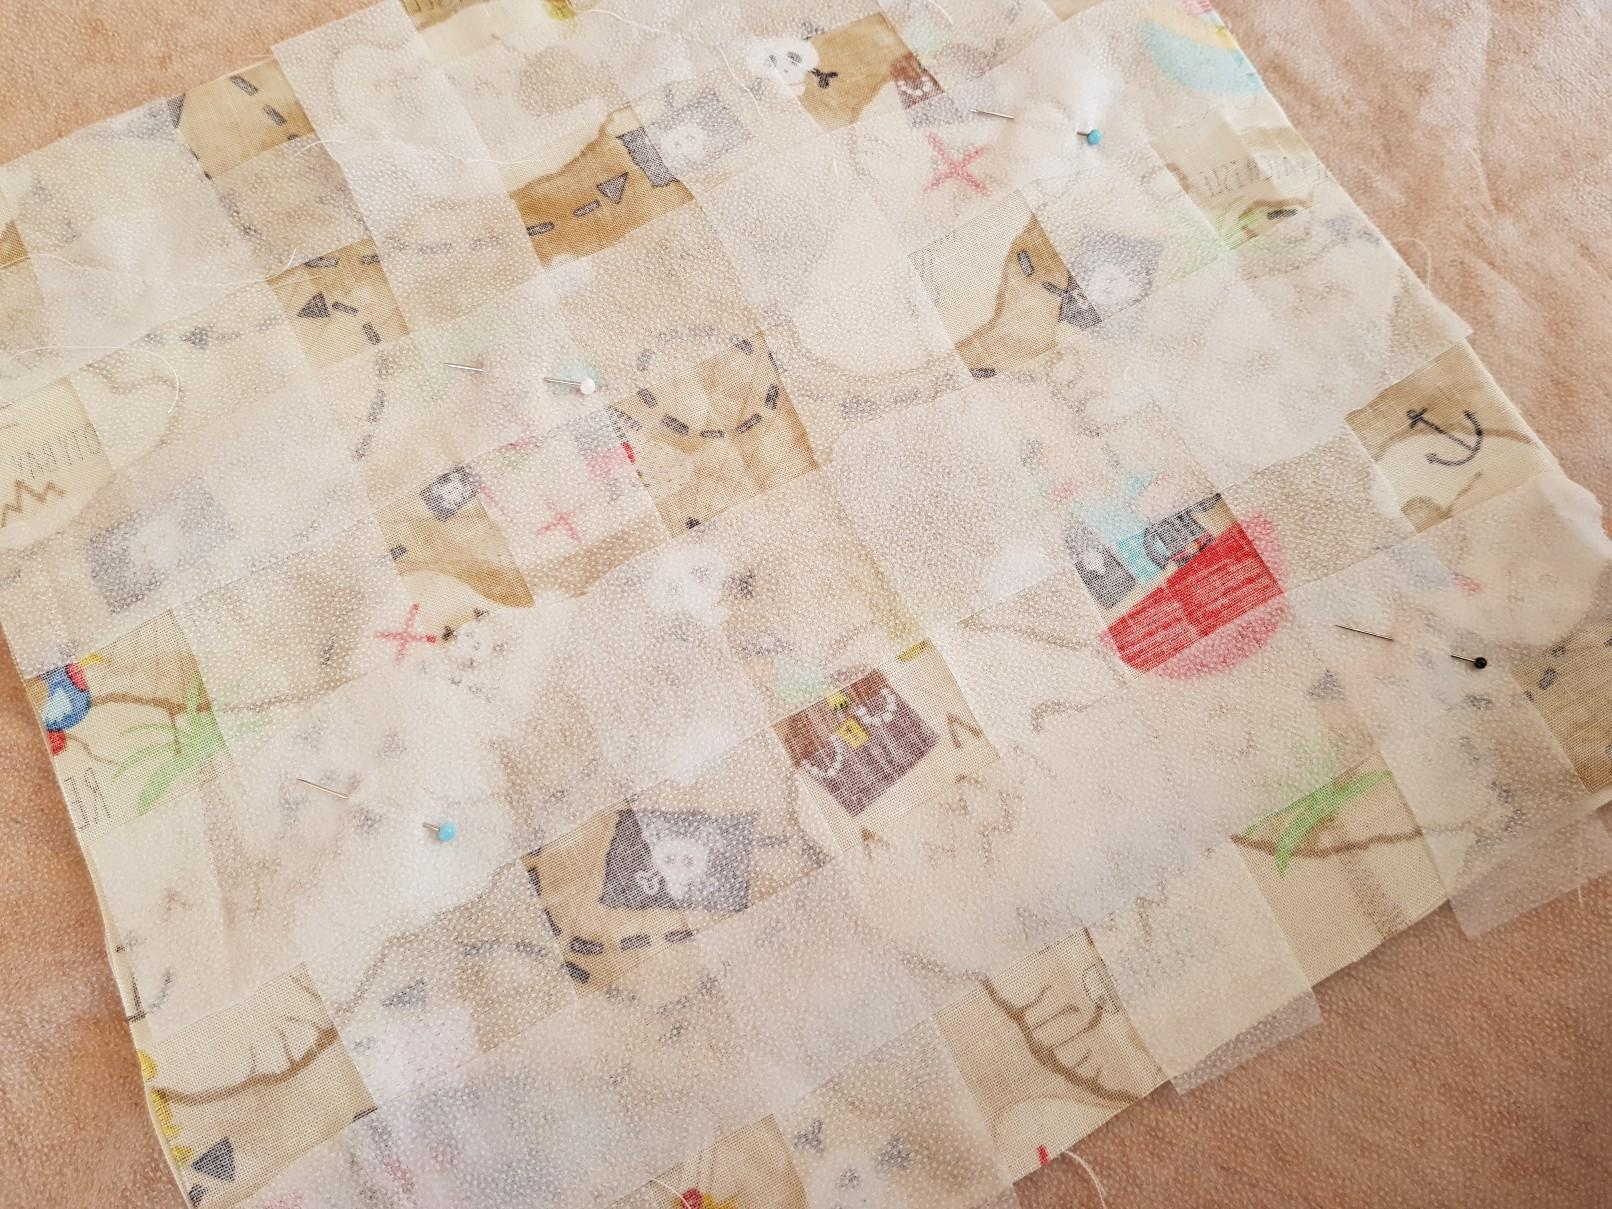 pirate map glue weave